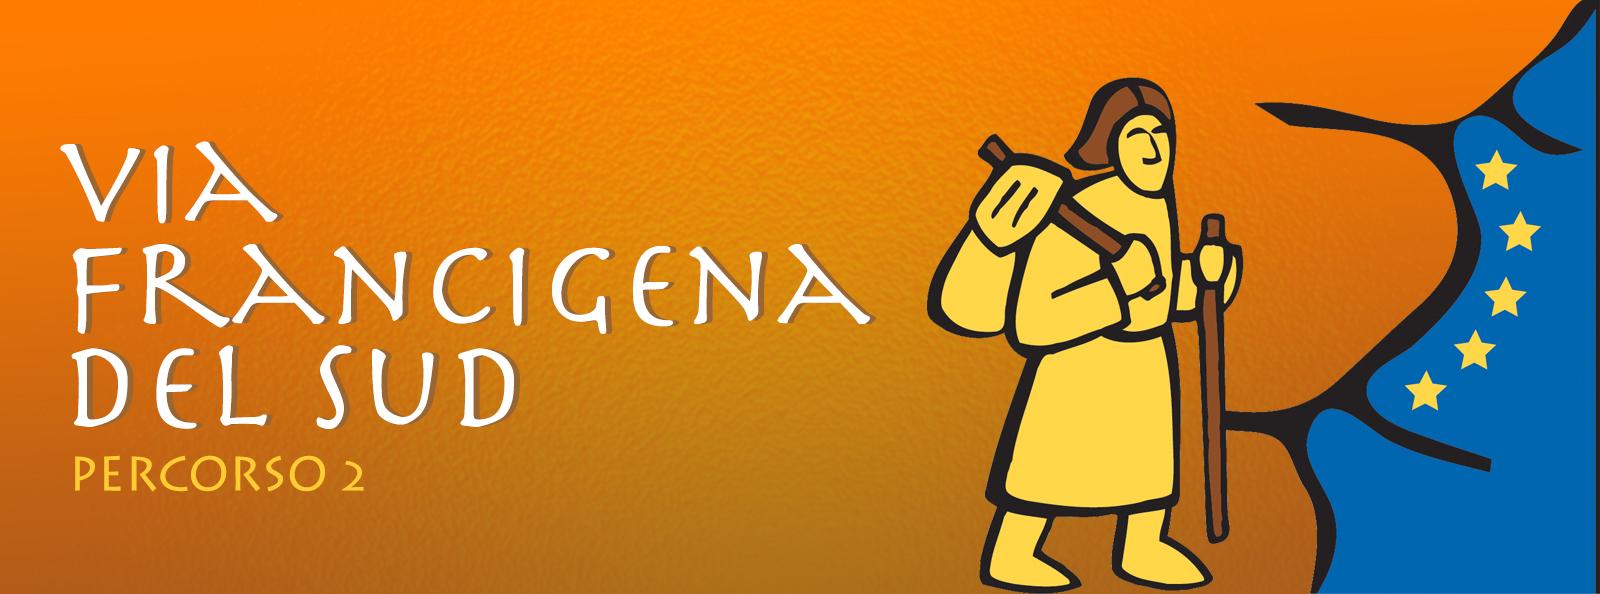 copertinaviafrancigena2